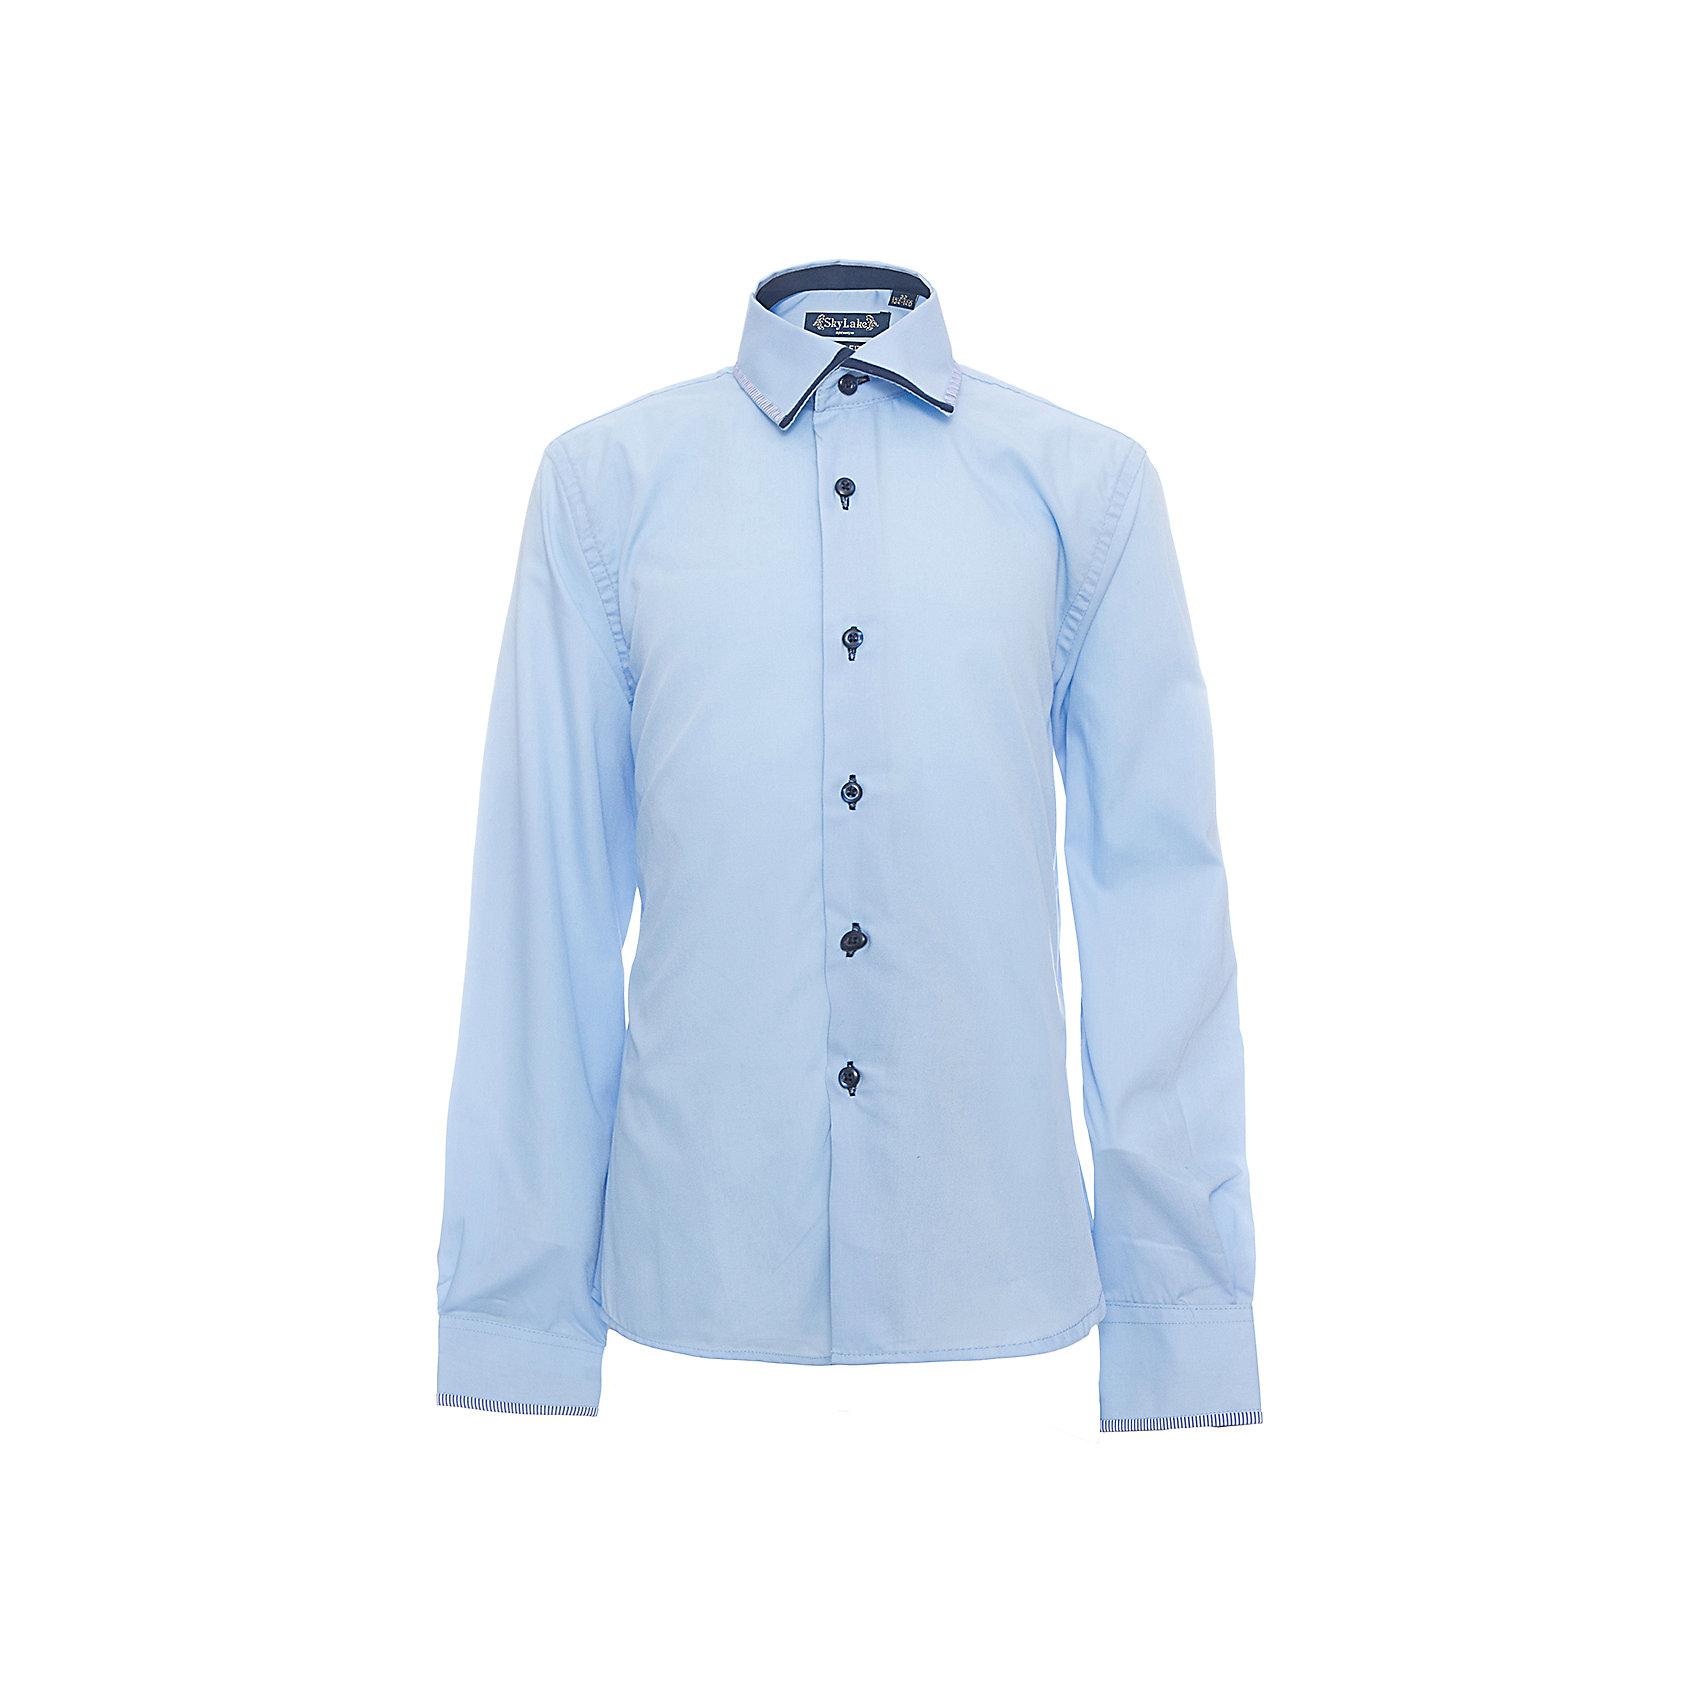 Рубашка PREMIUM SLIM FIT для мальчика SkylakeБлузки и рубашки<br>Сорочка детская для мальчика<br>Состав:<br>80% хлопок 20% п/э<br><br>Ширина мм: 174<br>Глубина мм: 10<br>Высота мм: 169<br>Вес г: 157<br>Цвет: голубой<br>Возраст от месяцев: 144<br>Возраст до месяцев: 156<br>Пол: Мужской<br>Возраст: Детский<br>Размер: 158,122,128,134,140,146,152<br>SKU: 6772719